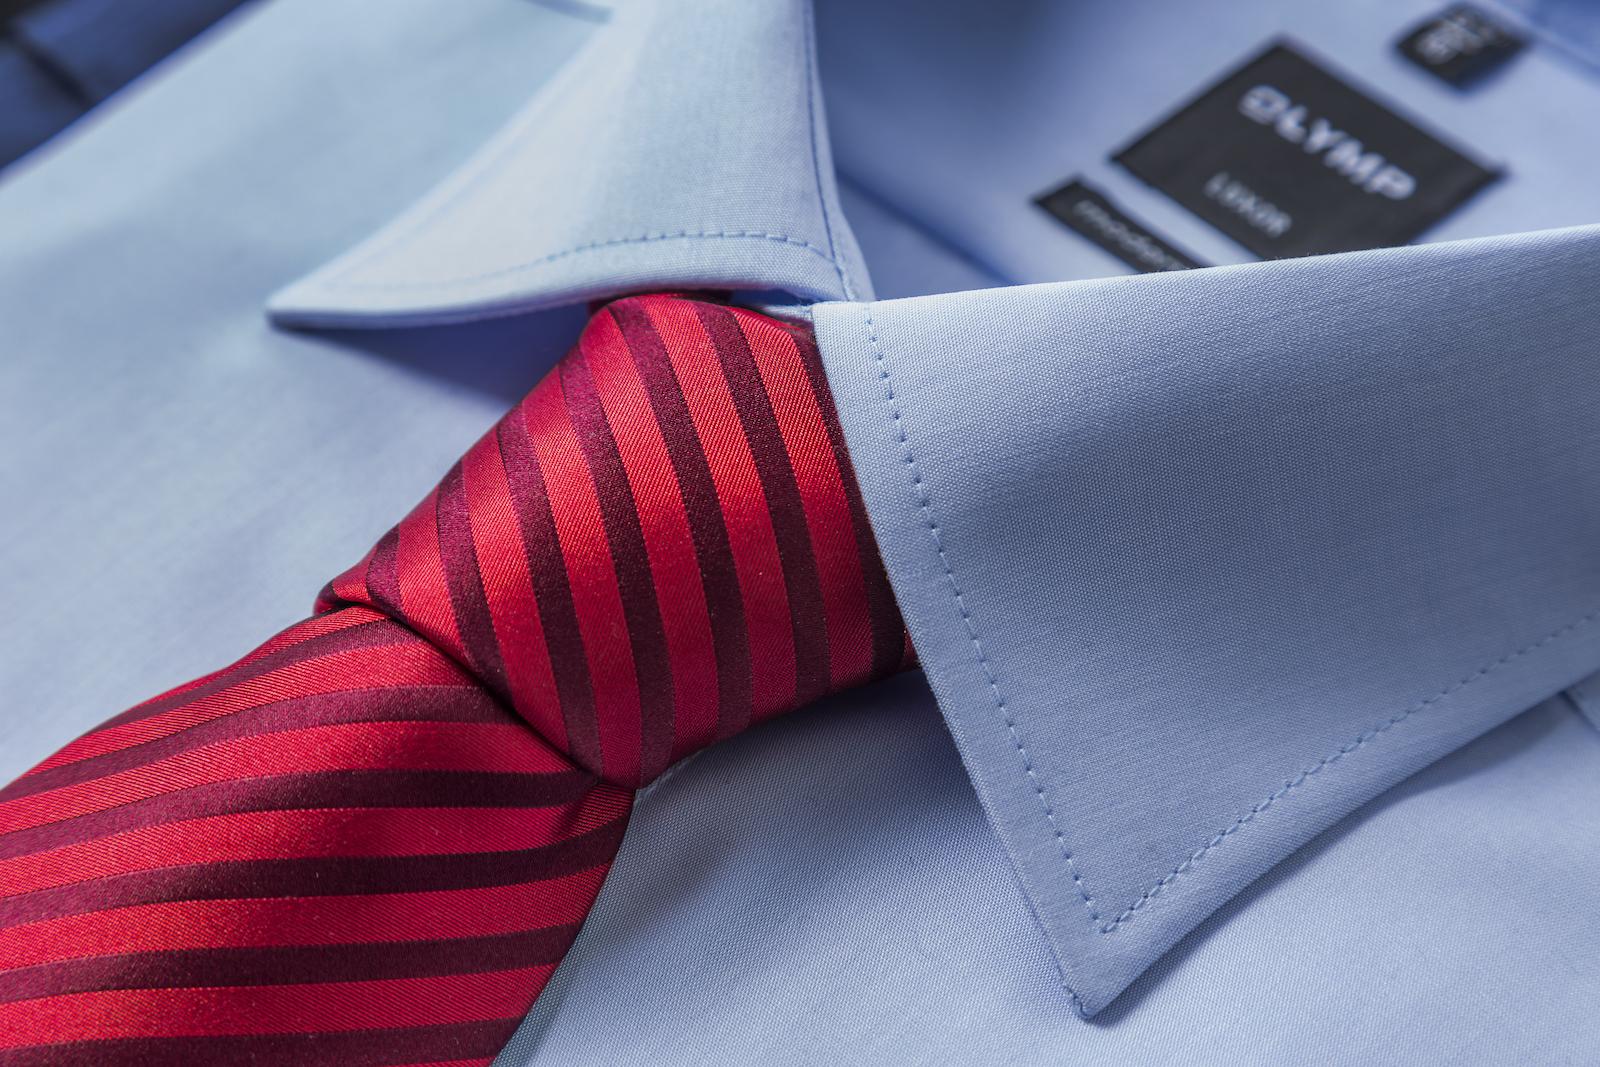 Wonderbaarlijk Welke stropdas past bij welk overhemd? - Raadpleeg de kennisbank KI-69